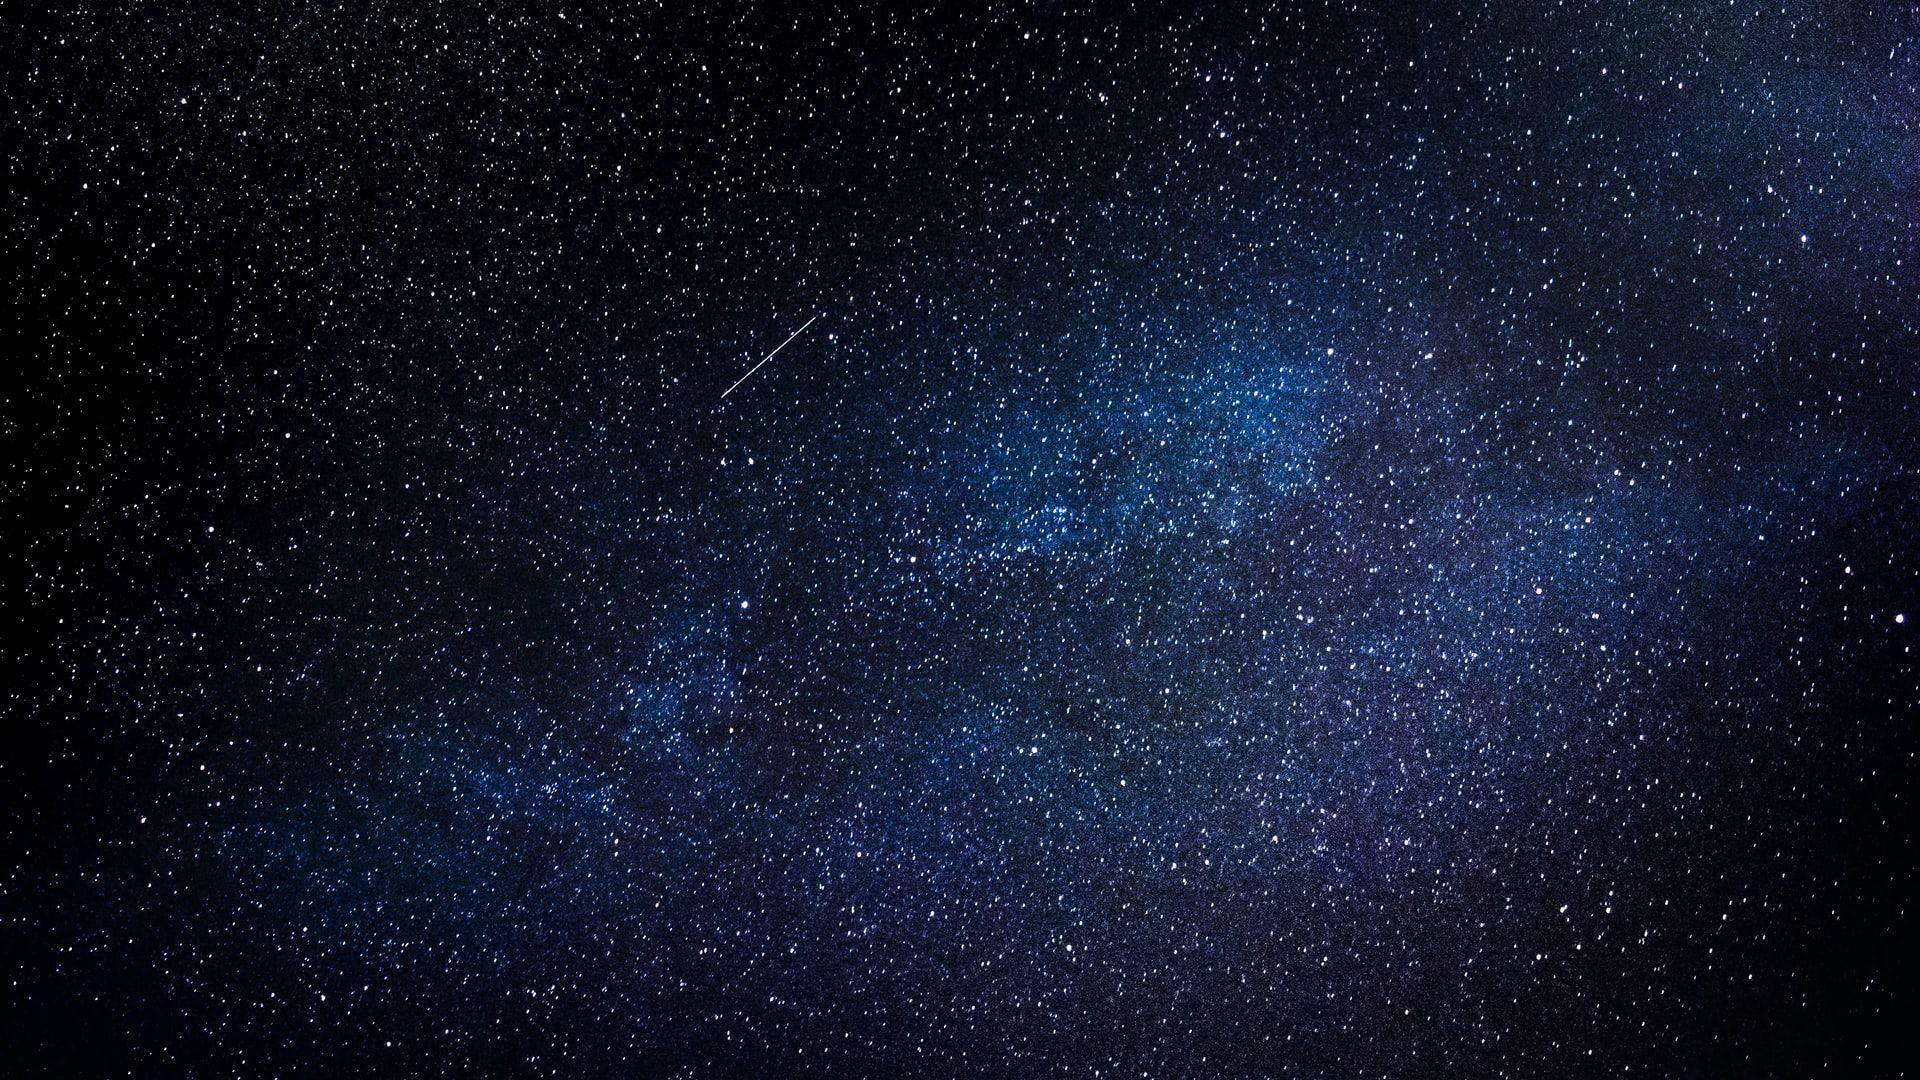 Perché il cielo notturno è buio? La risposta non è scontata come sembra